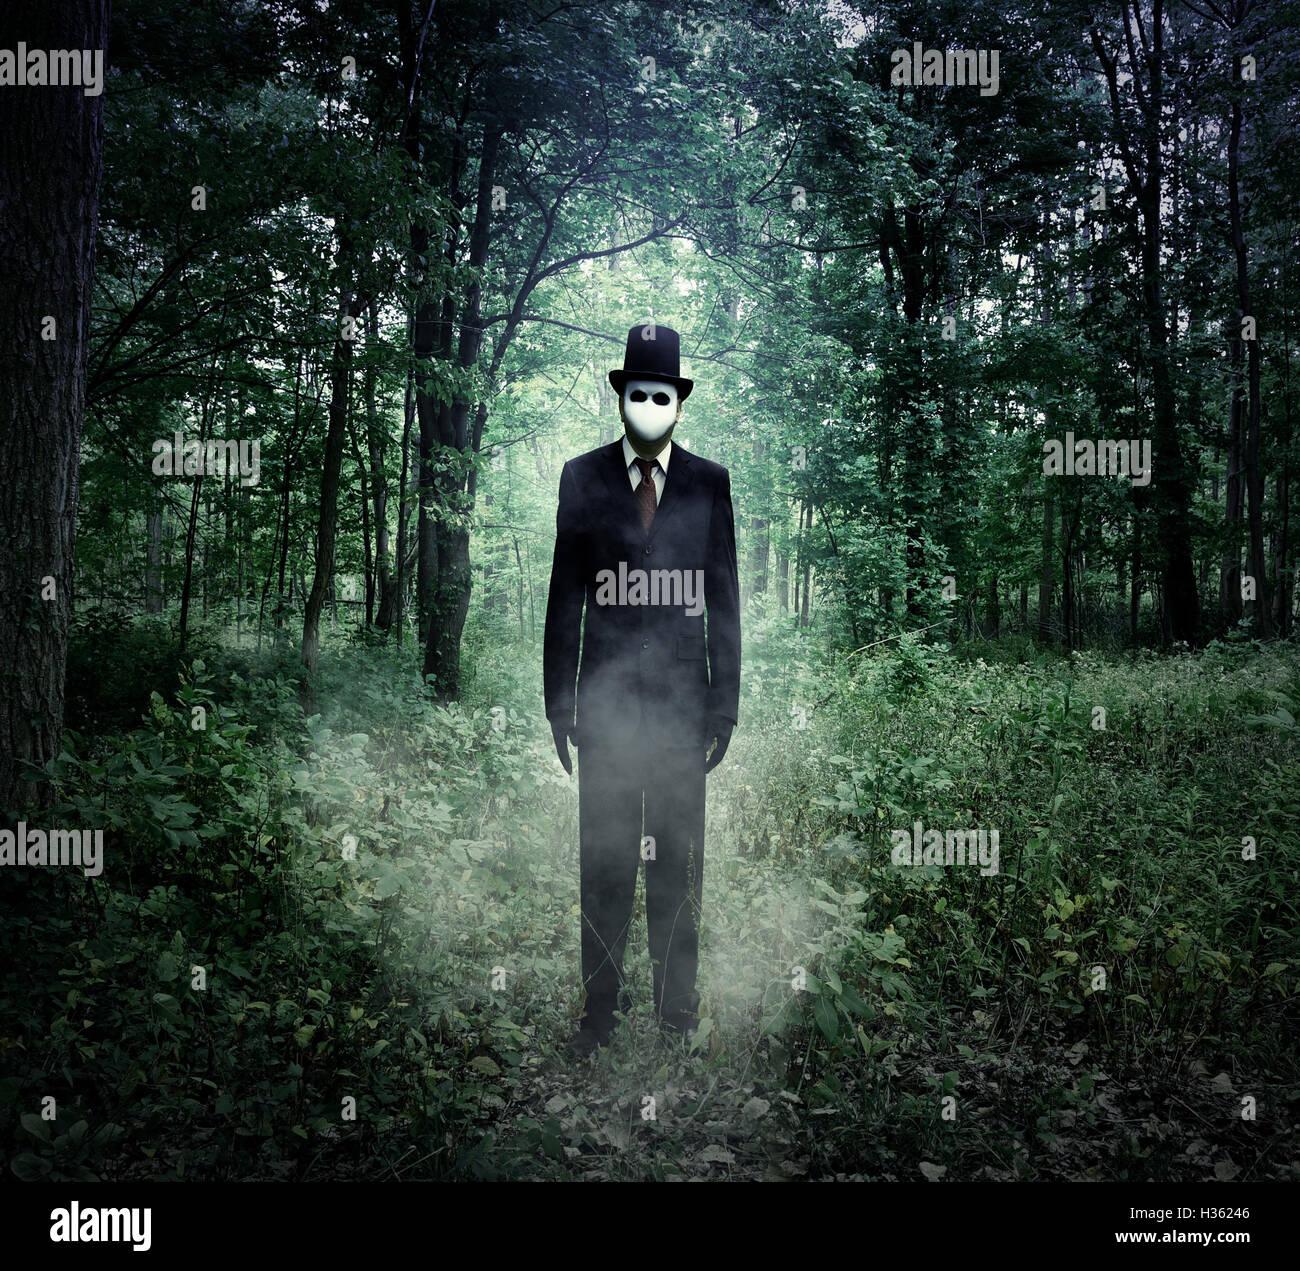 Un hombre alto de miedo en un traje negro está de pie en los oscuros bosques de noche, con niebla o miedo de halloween Foto de stock